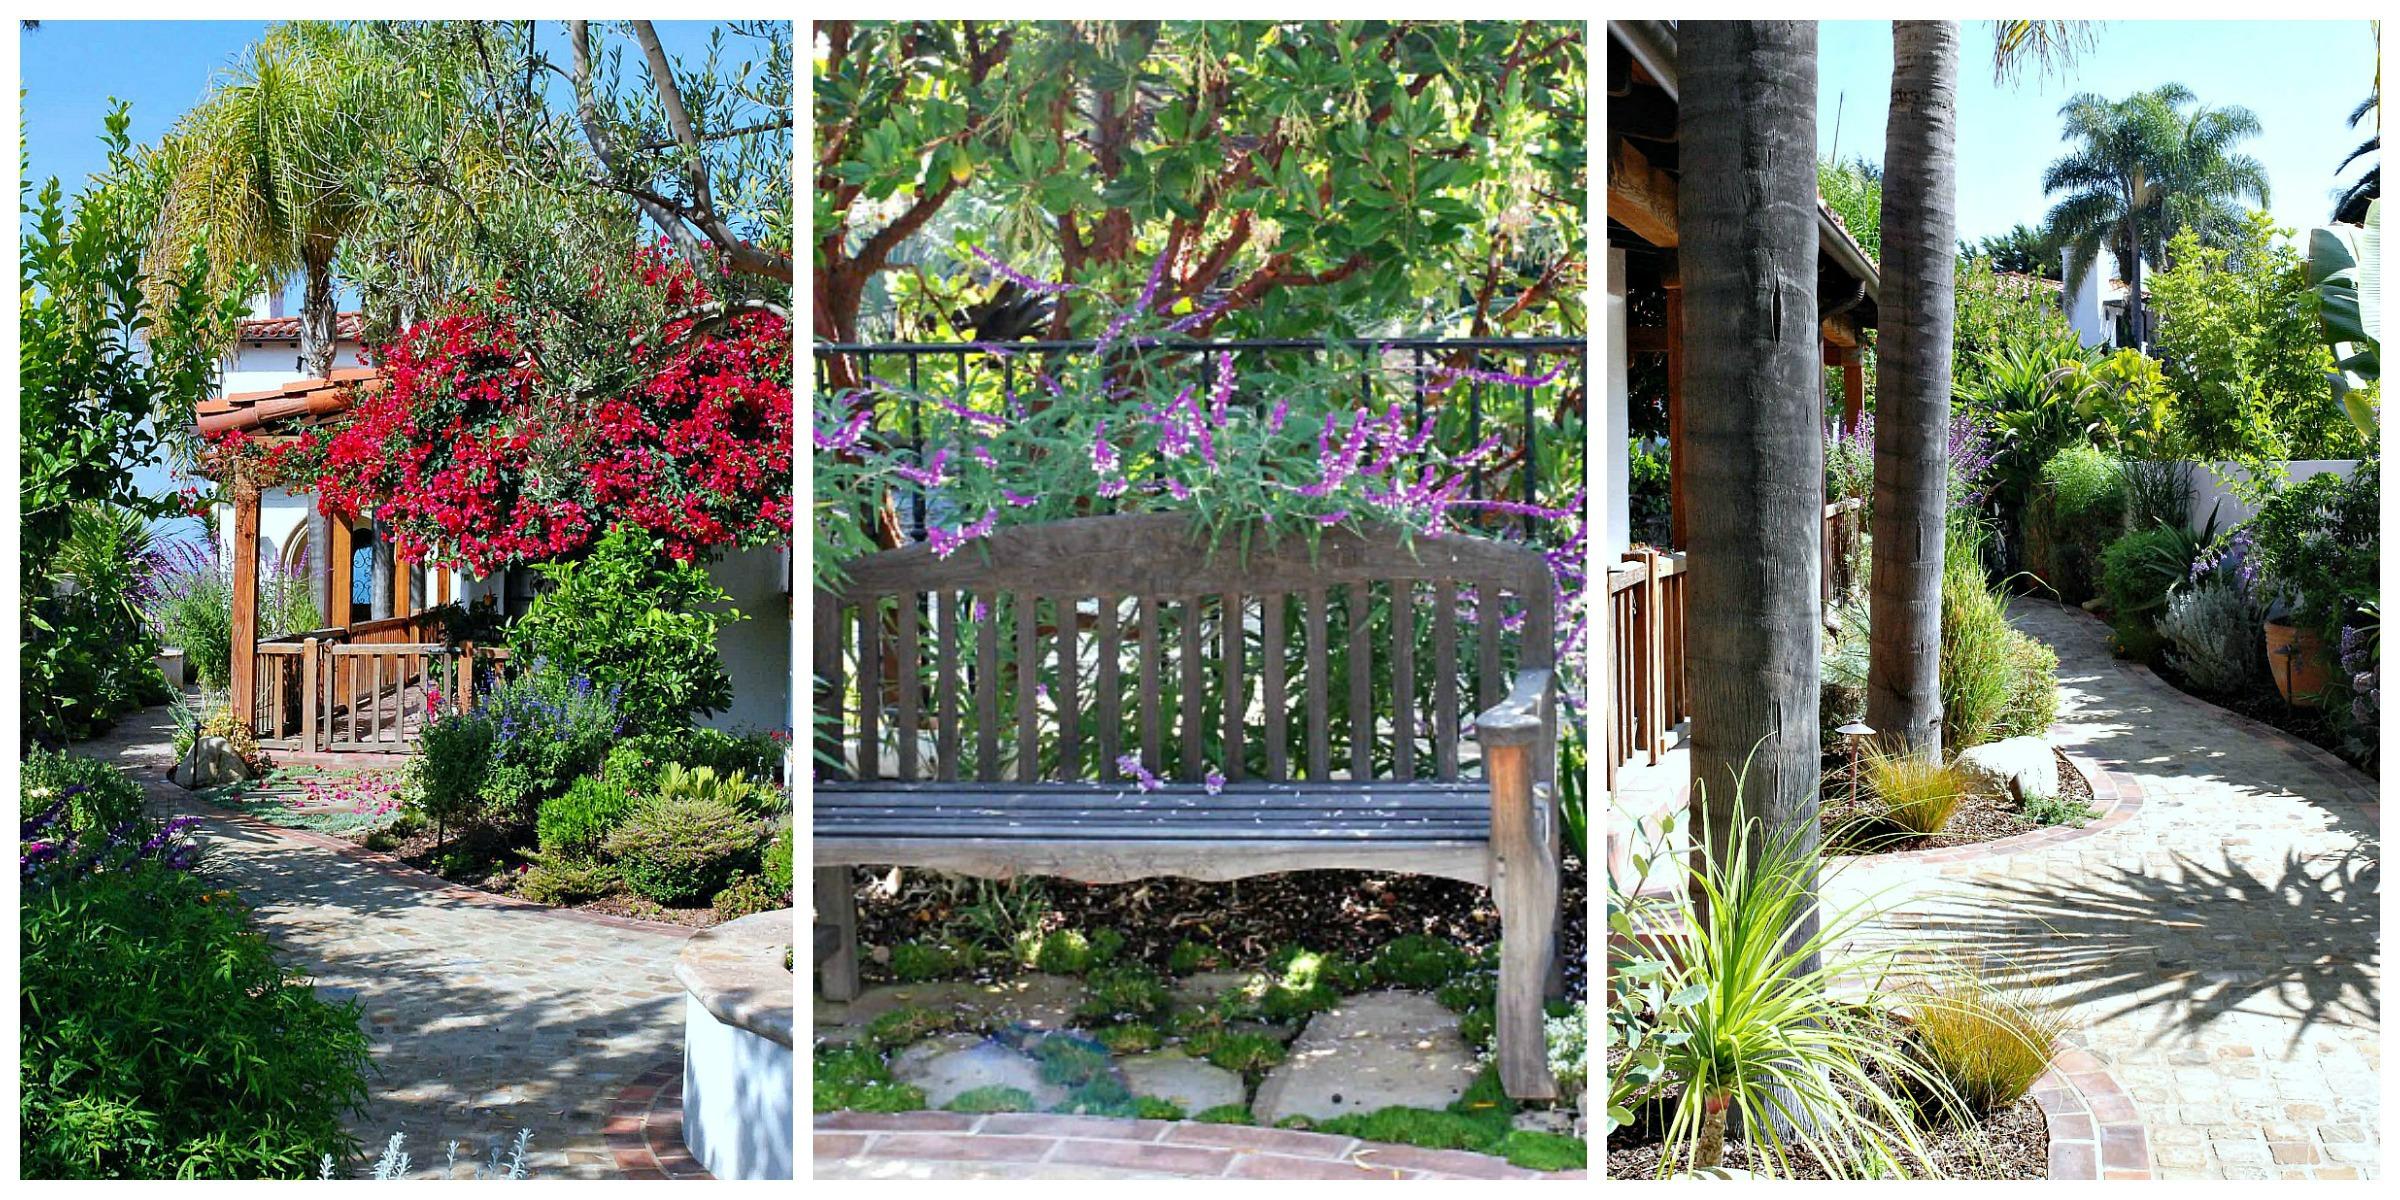 P&B garden entrance Collage